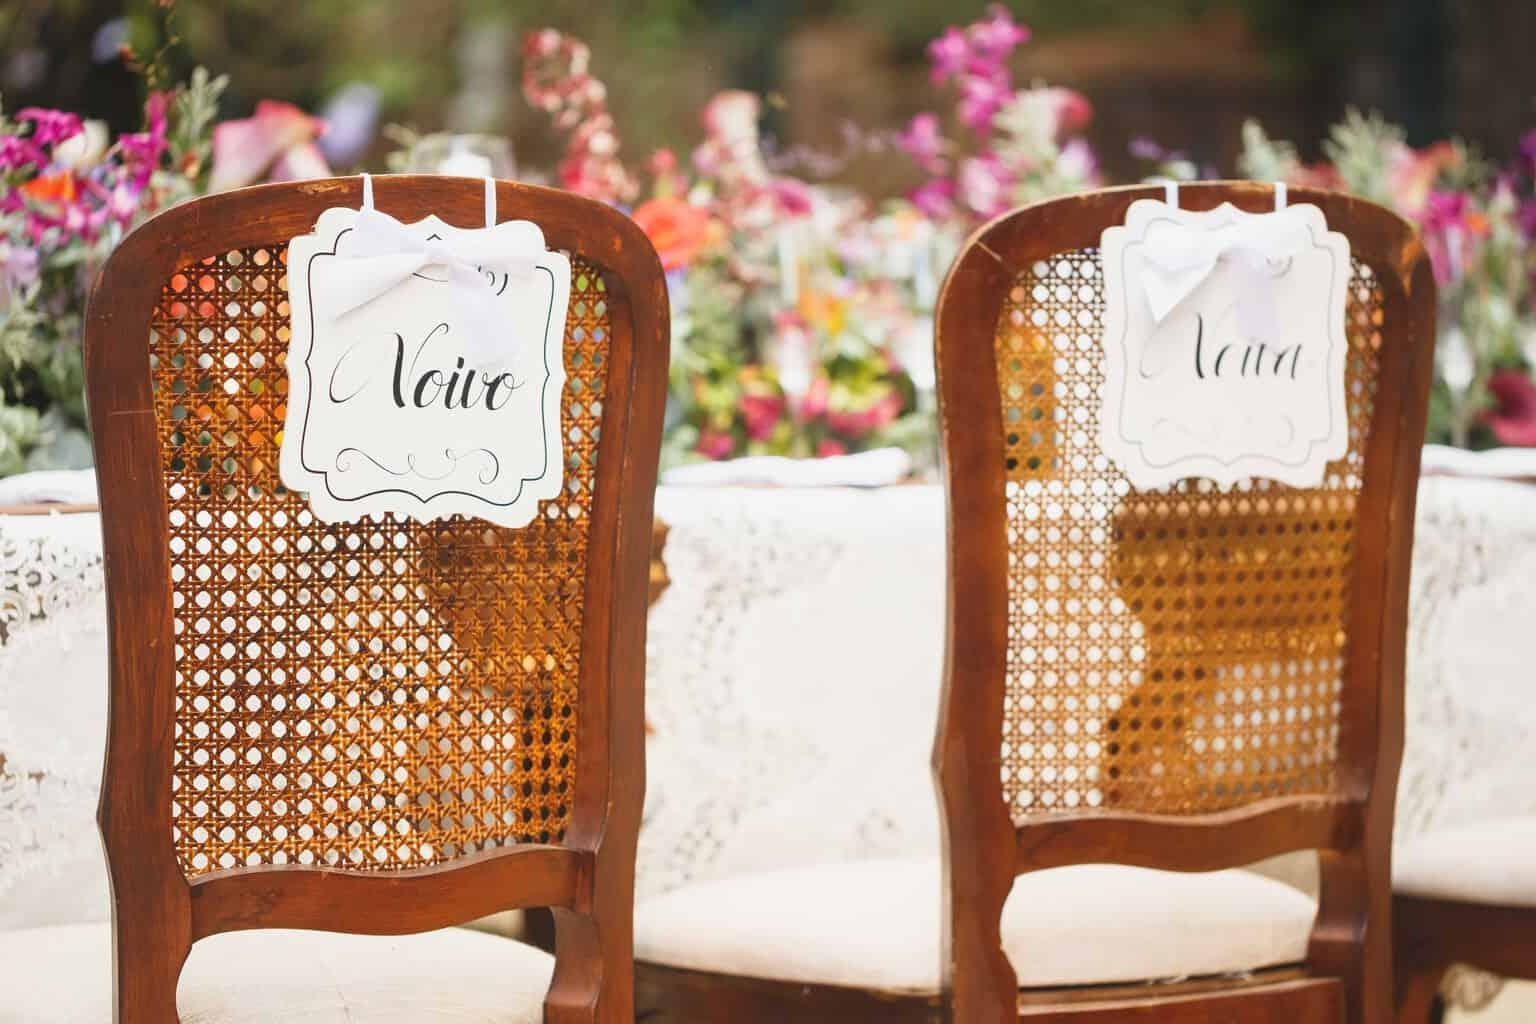 casamento-na-Fazenda-Vila-Rica-cerimonial-Ana-Paula-Tabet-decoracao-colorida-Fotografia-Euka-Weddings-making-of-Renata-e-Gabriel7